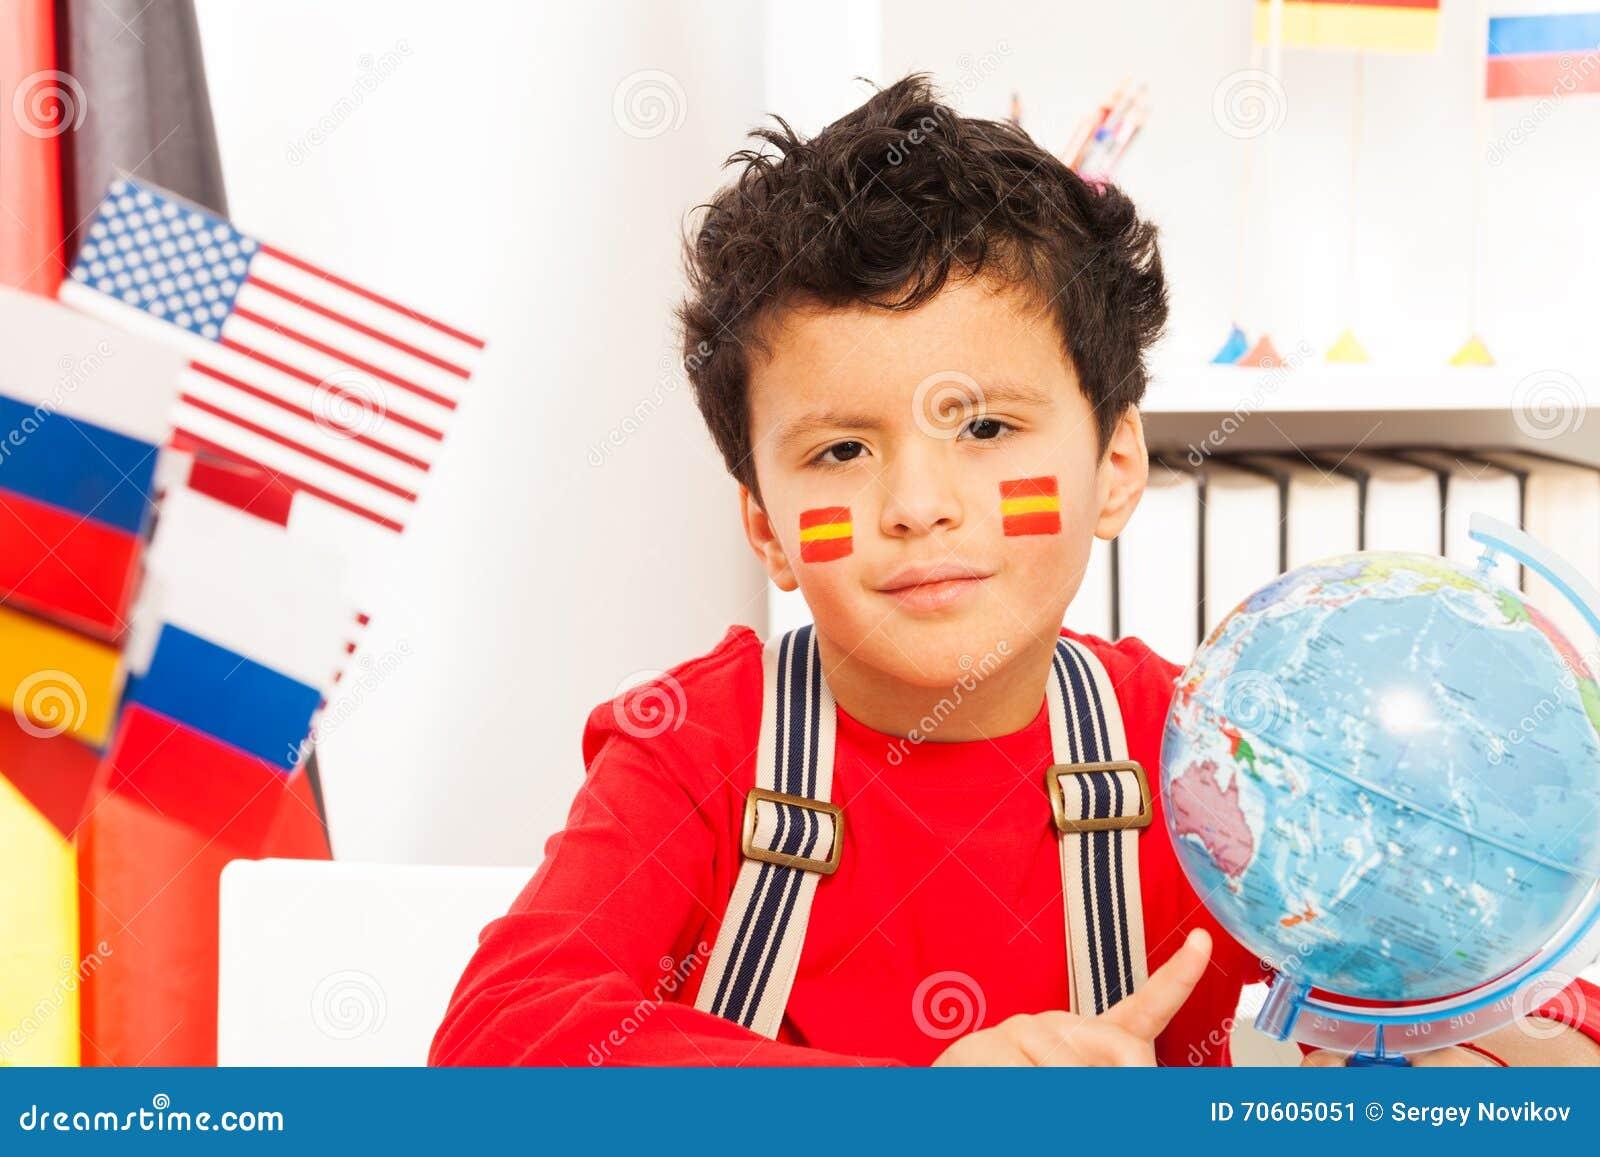 Colegial con la bandera española pintada en sus mejillas